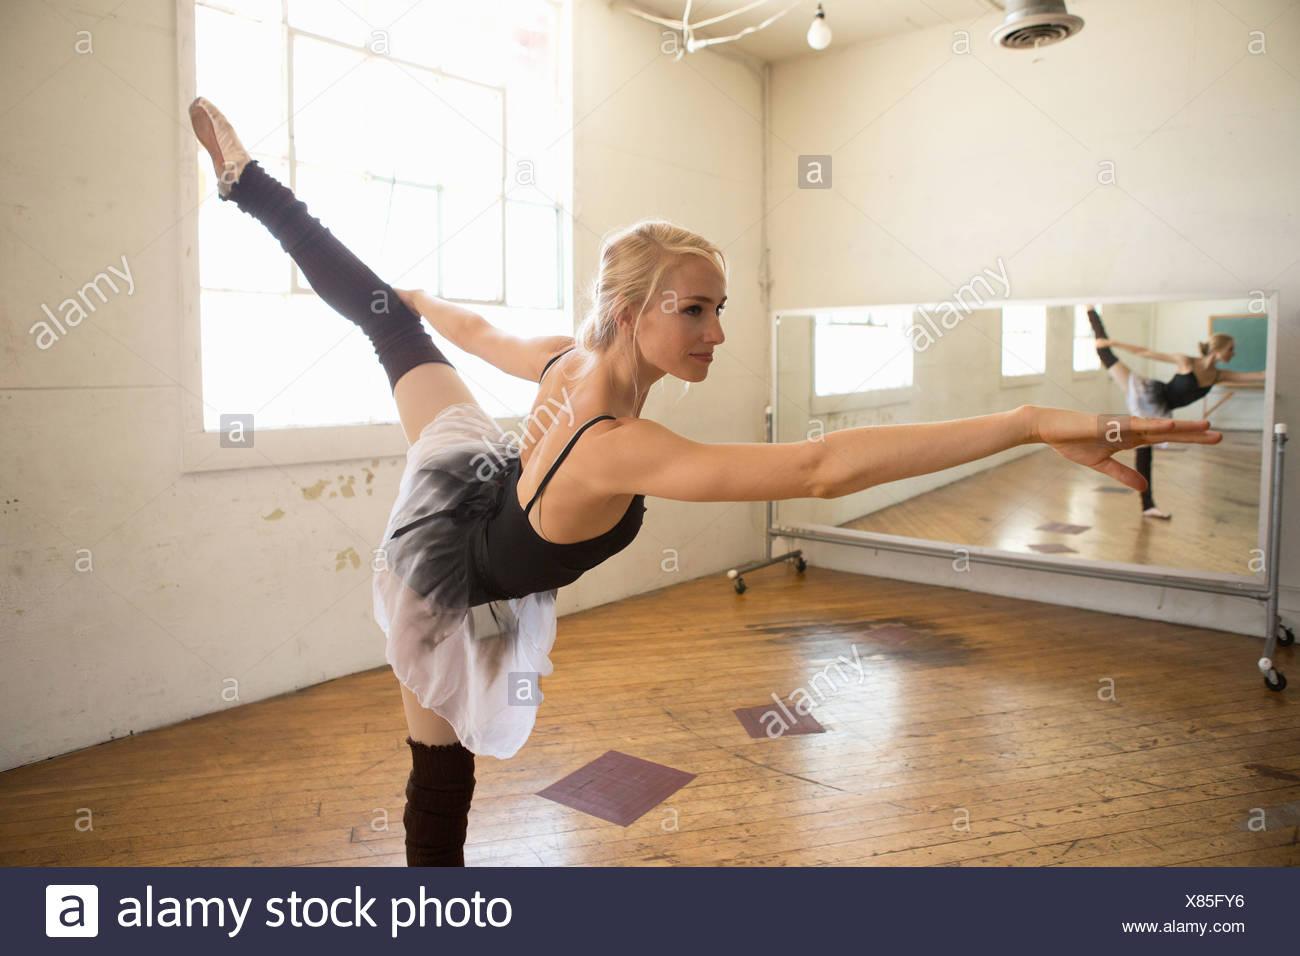 Ballet dancer on one leg in studio - Stock Image